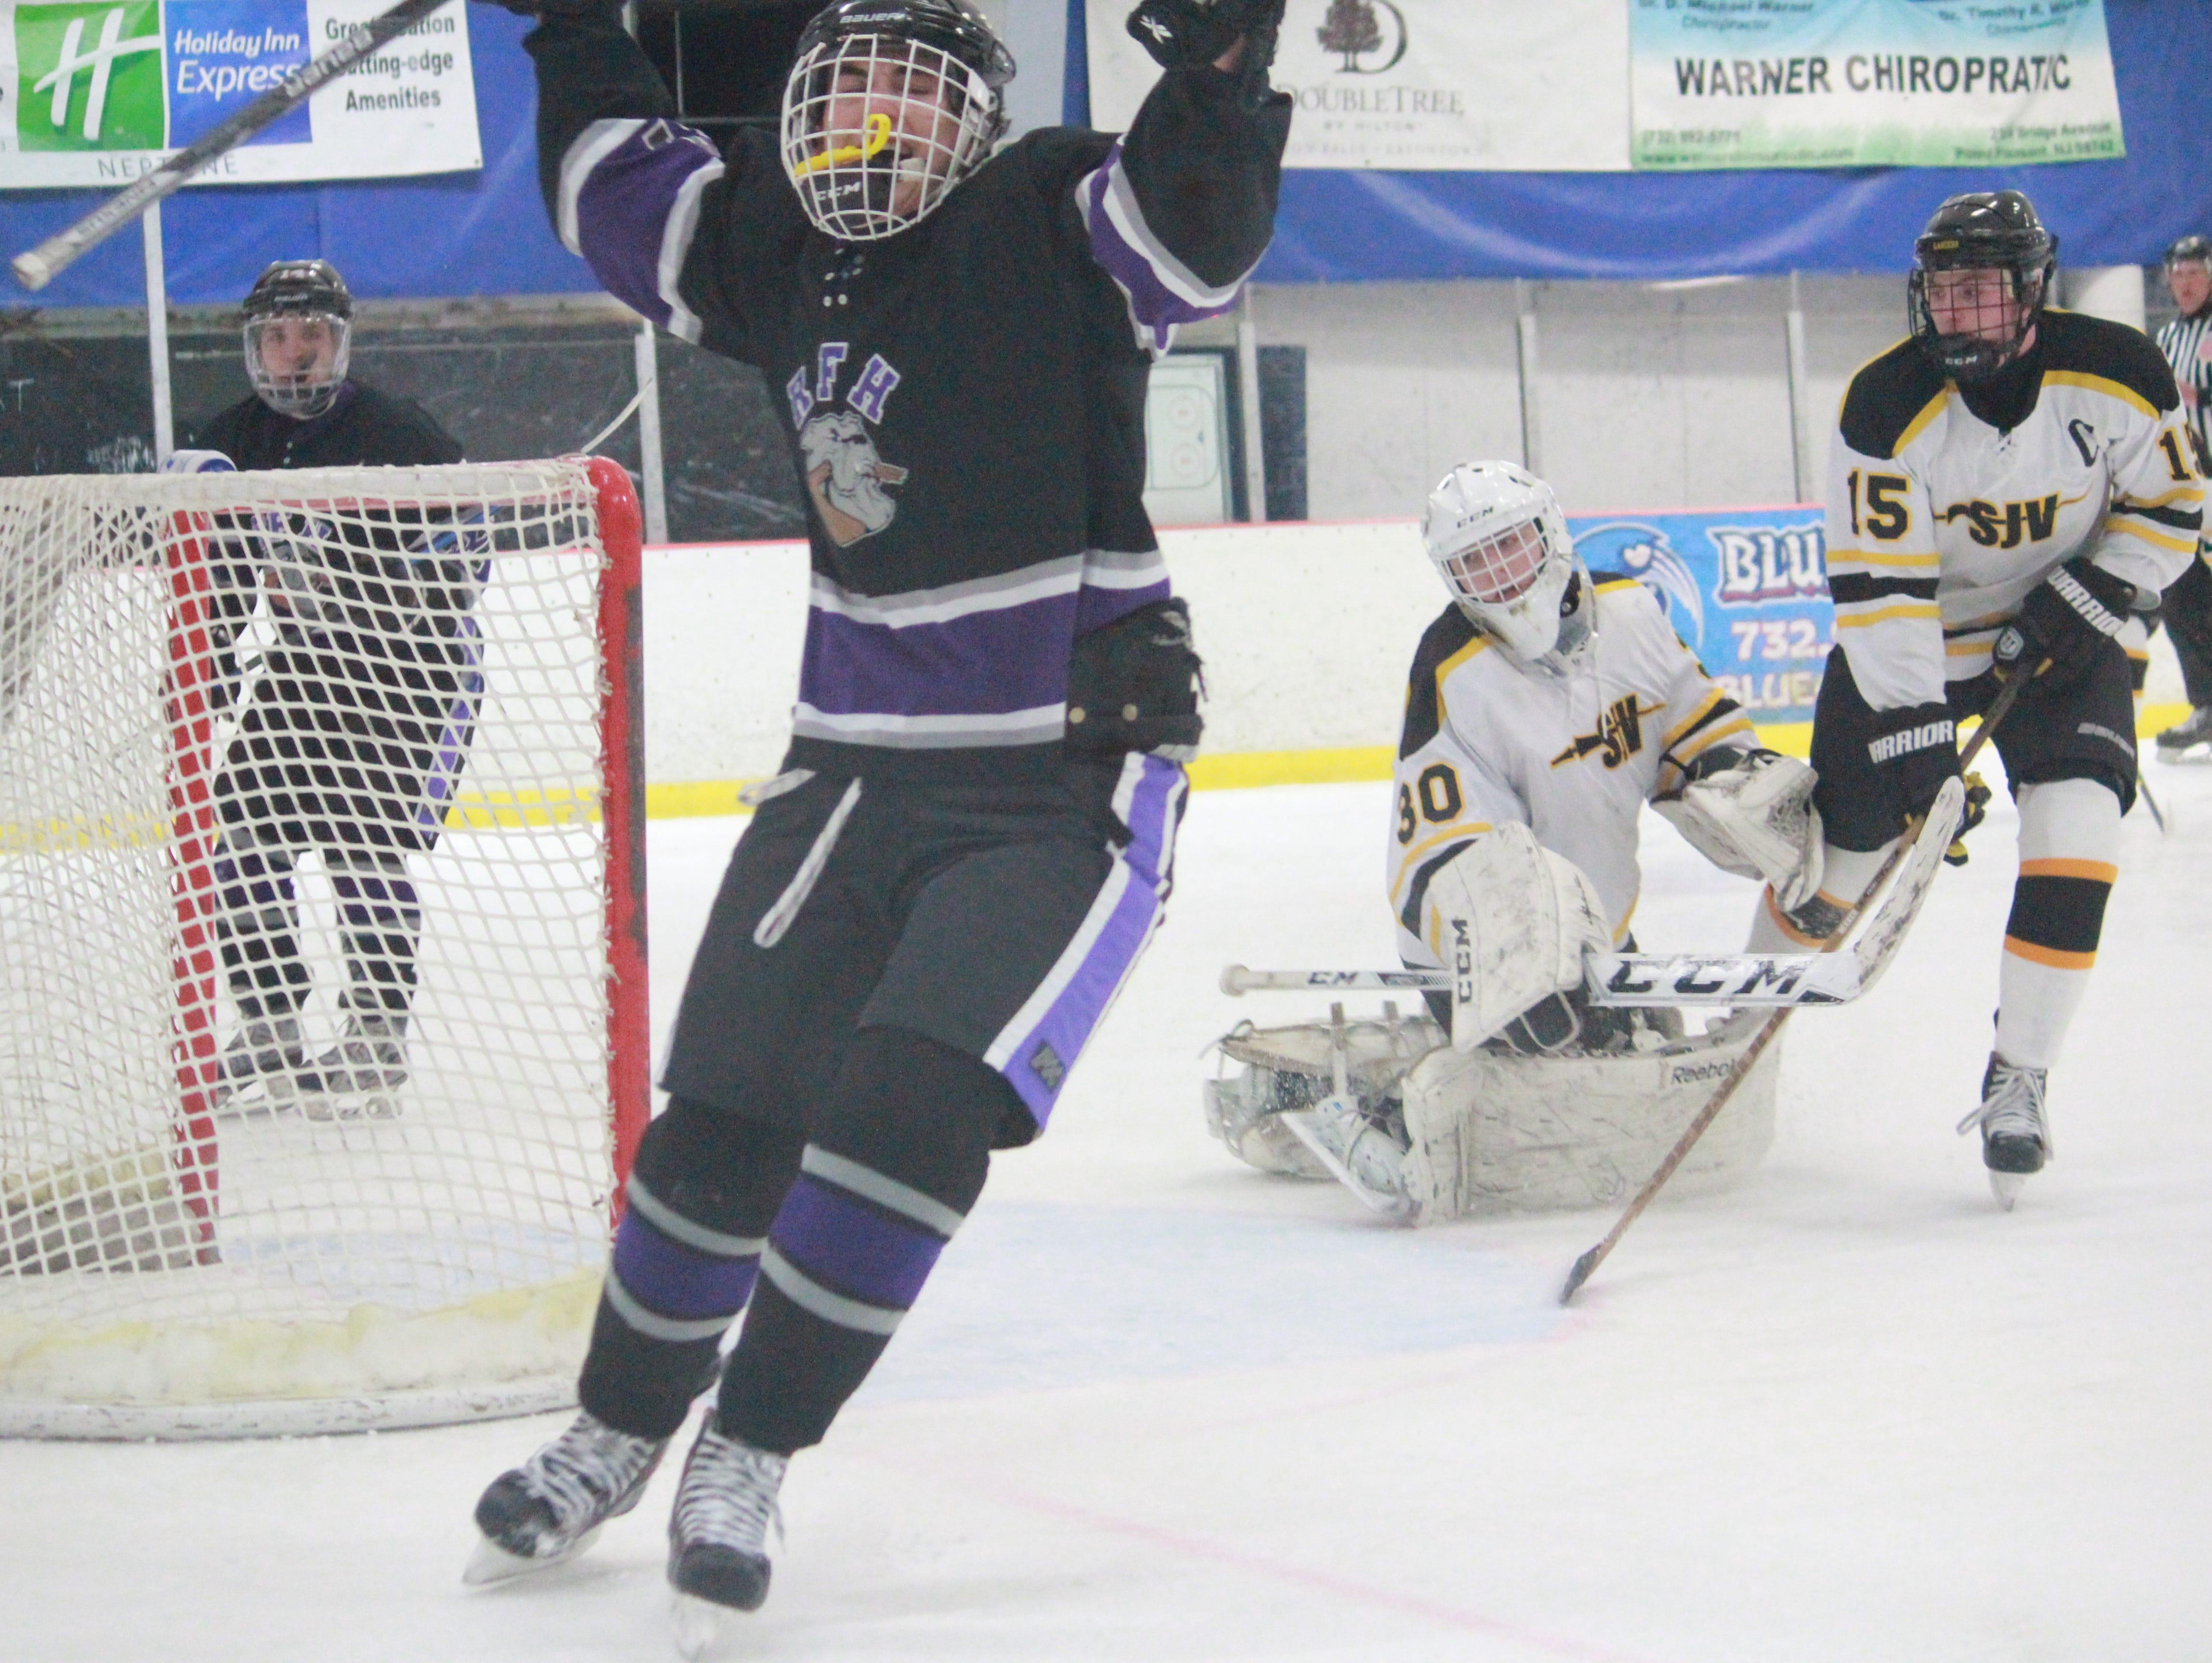 Conor Deverin of Rumson celebrates a goal